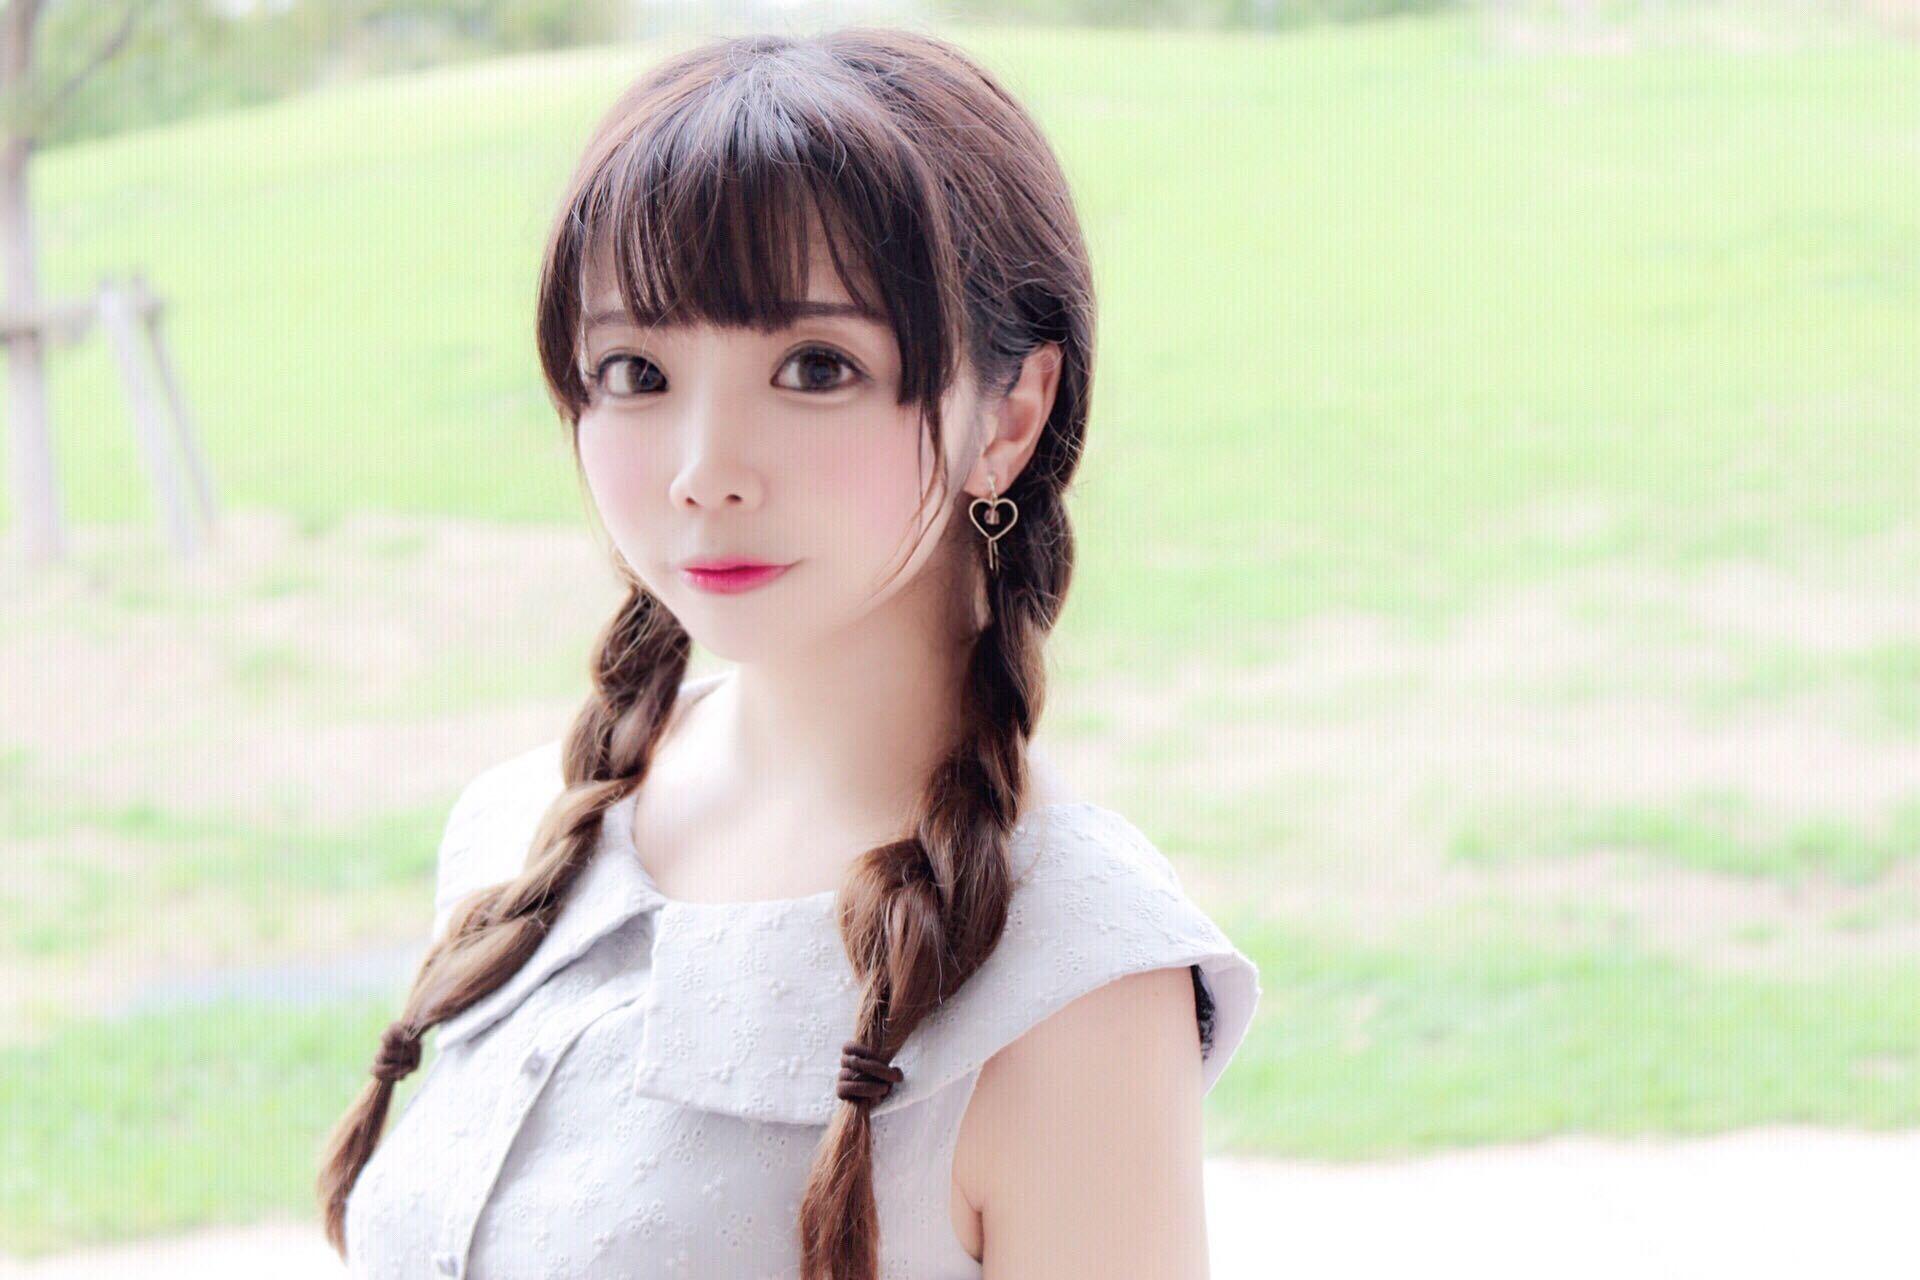 愛知(名古屋)のレンタル彼女